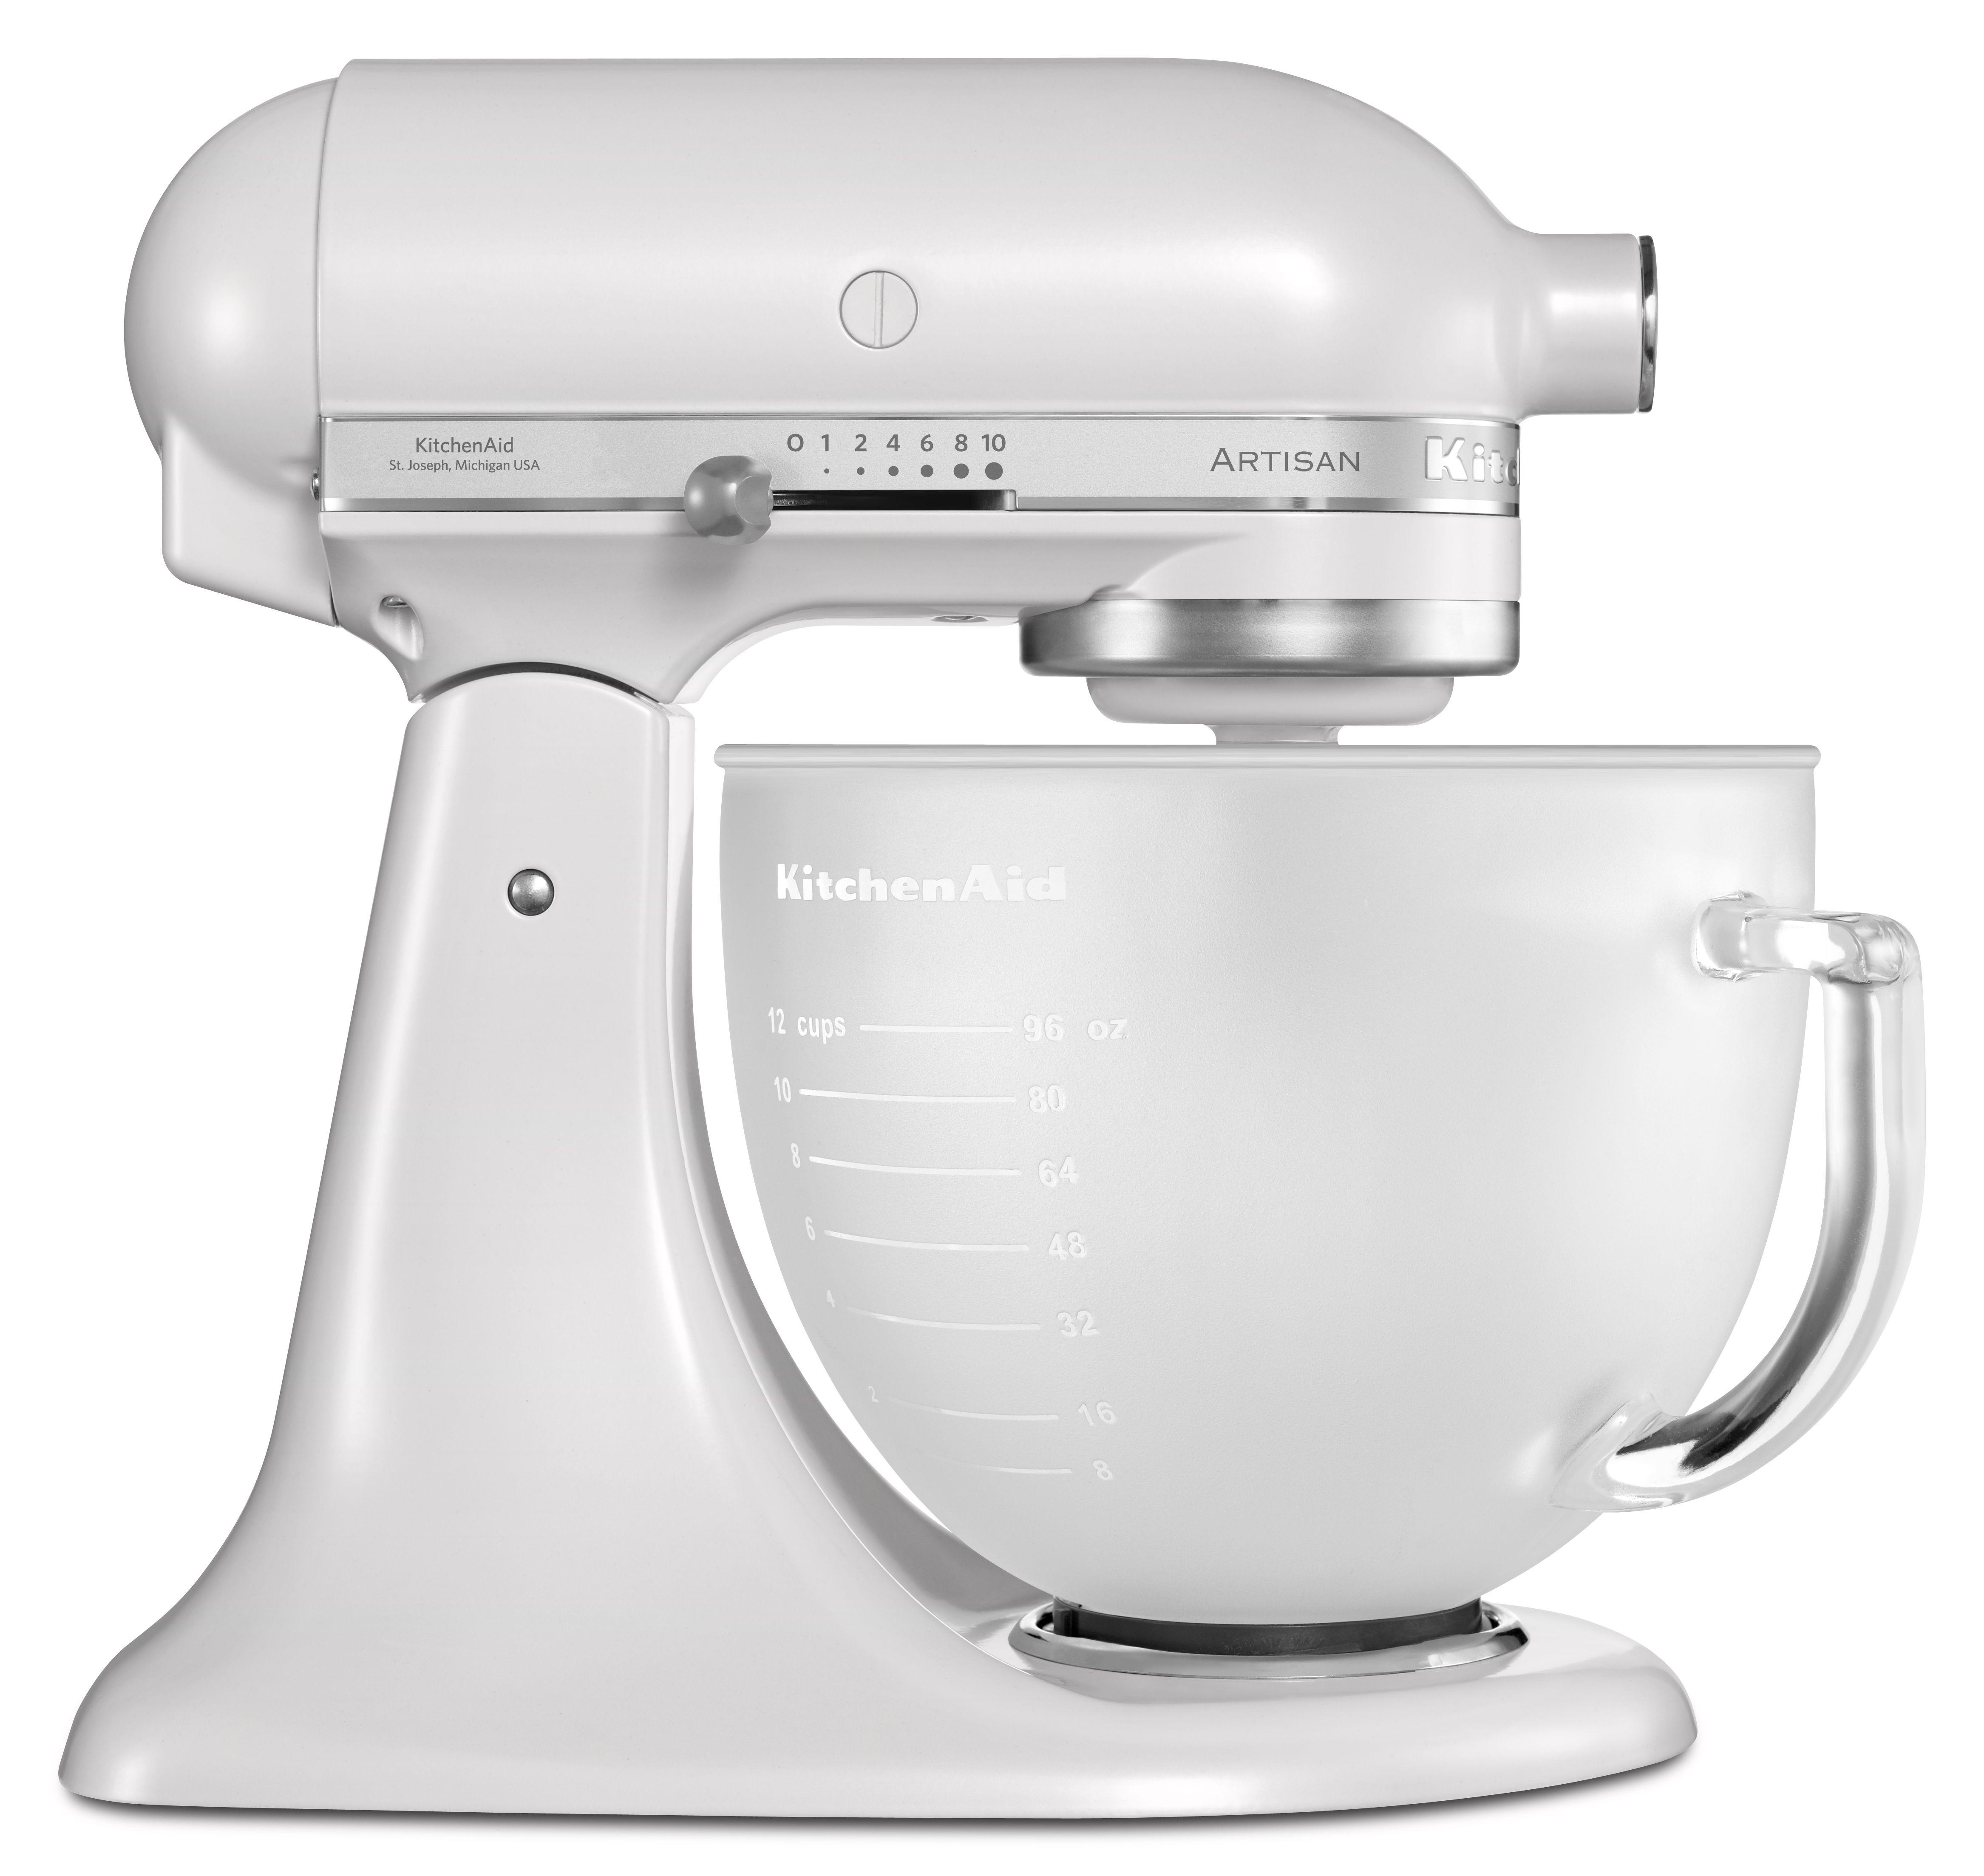 white kitchenaid mixer with glass bowl